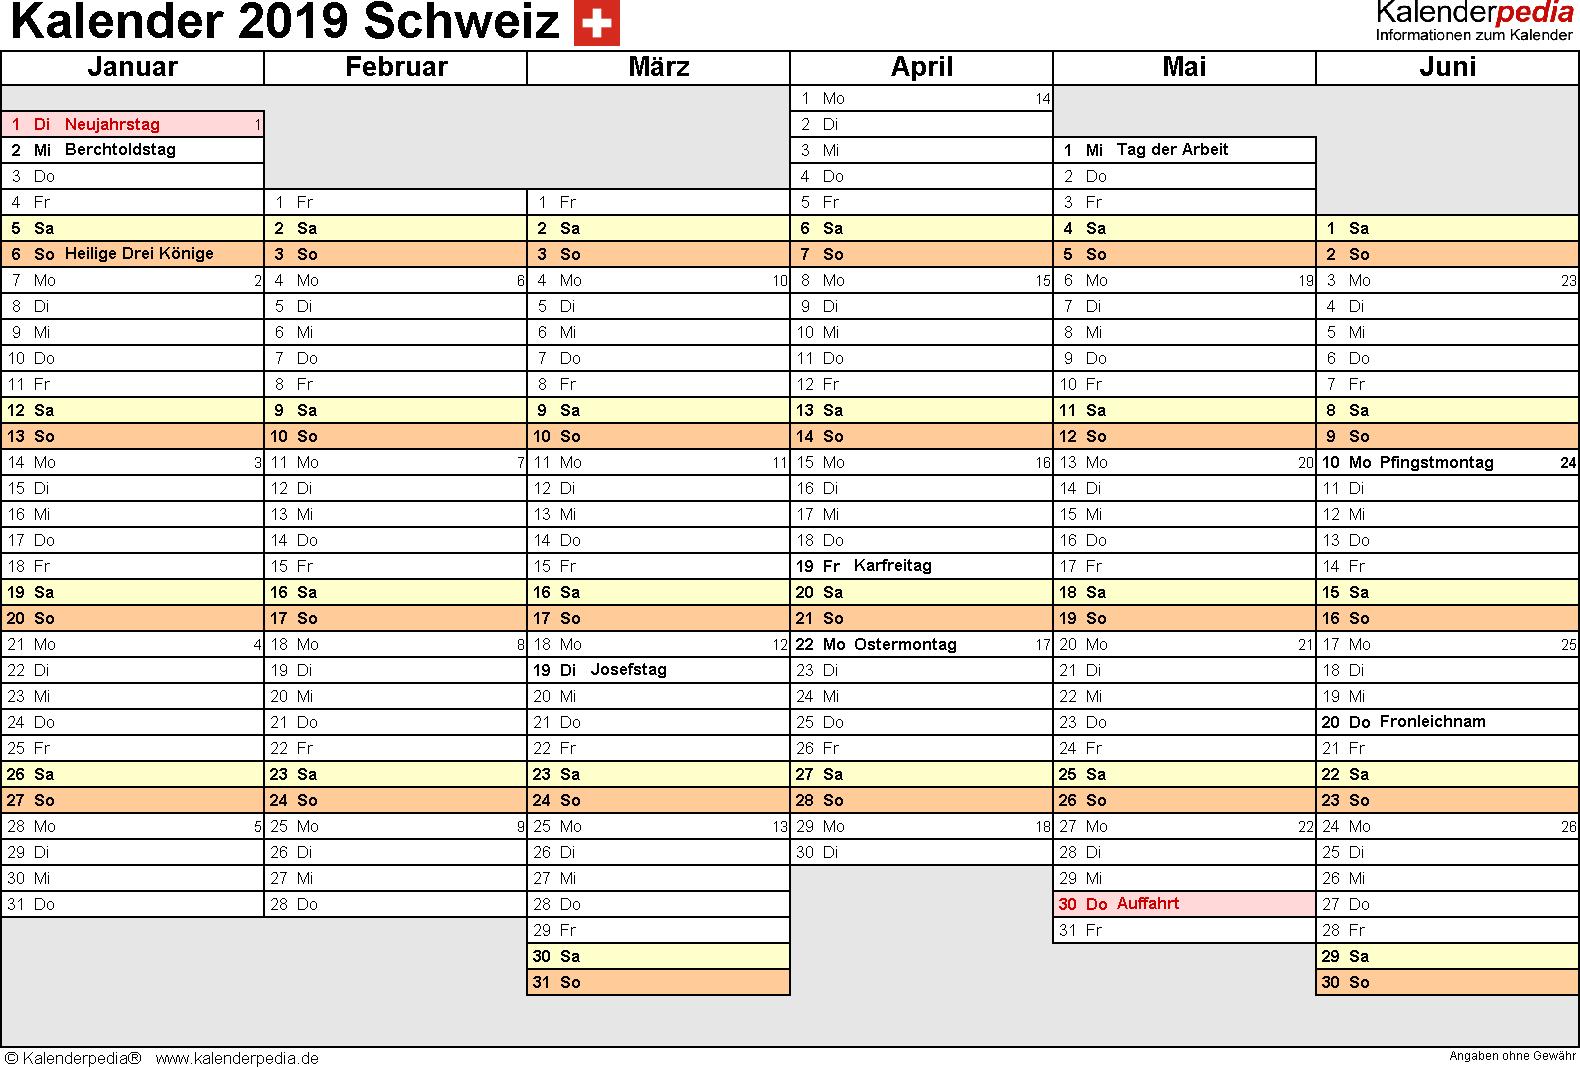 Vorlage 4: Kalender 2019 für die <span style=white-space:nowrap;>Schweiz als PDF-Datei, Querformat, 2 Seiten, Wochentage linear/nebeneinander, 1. und 2. Jahreshälfte auf jeweils eigener Seite